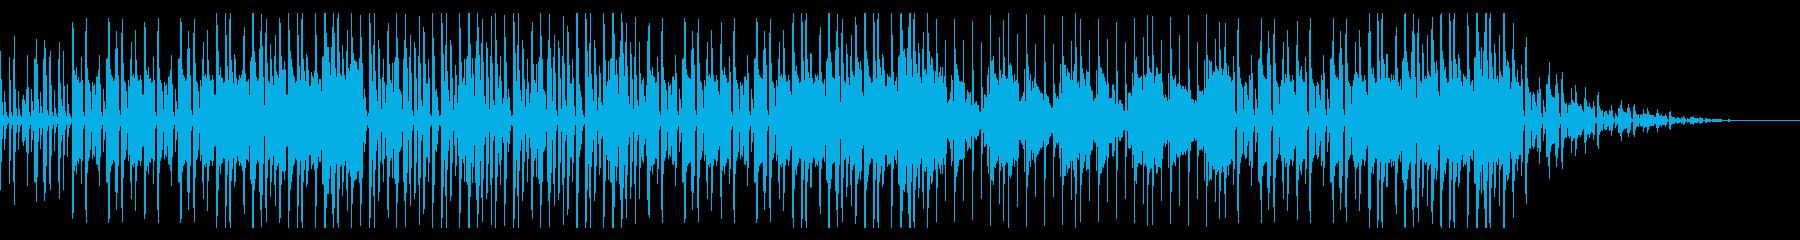 お酒の場に合う大人なヒップホップビートの再生済みの波形